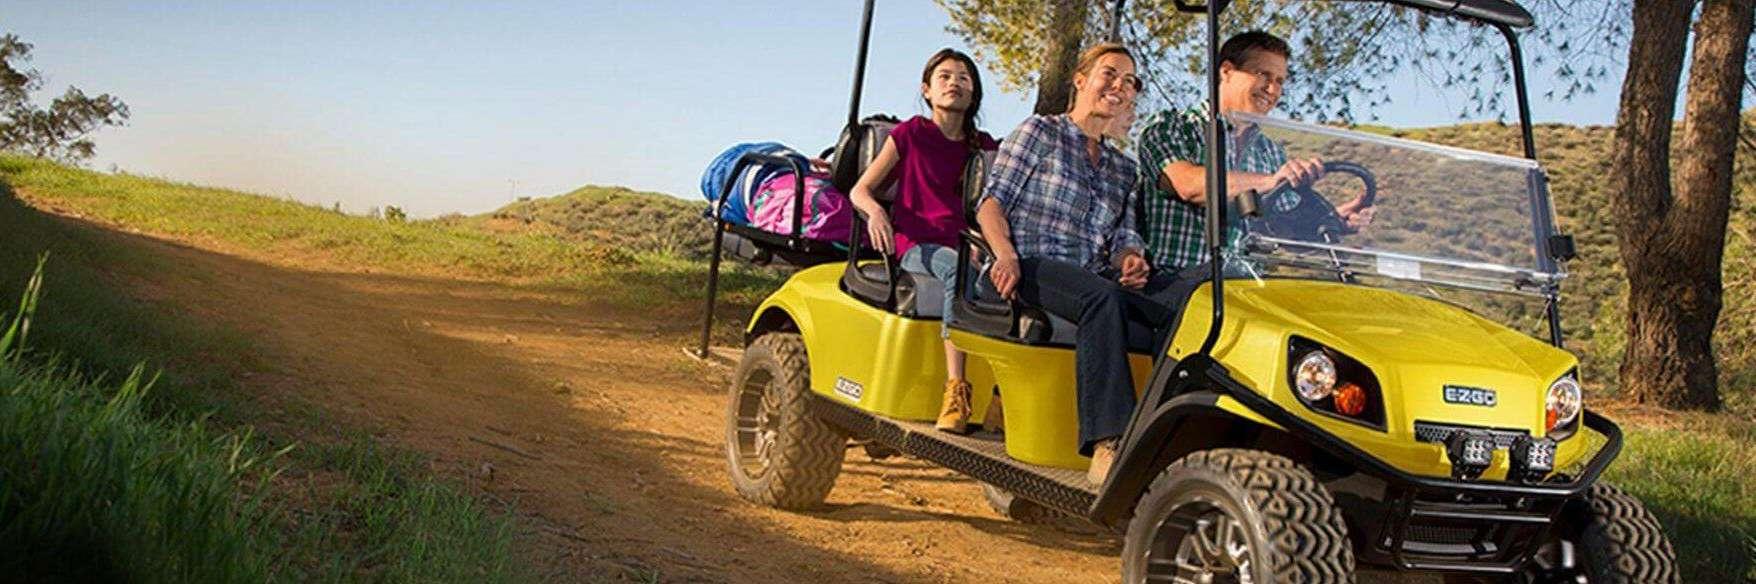 Melex Golf Cart on case golf cart, westinghouse golf cart, taylor-dunn golf cart, coleman golf cart, otis golf cart, custom golf cart, homemade golf cart, harley davidson golf cart, kohler golf cart, antique looking golf cart, ez-go golf cart, ferrari golf cart, michigan state golf cart, hummer golf cart, komatsu golf cart, solorider golf cart, onan golf cart, crosley golf cart, international golf cart, mg golf cart,